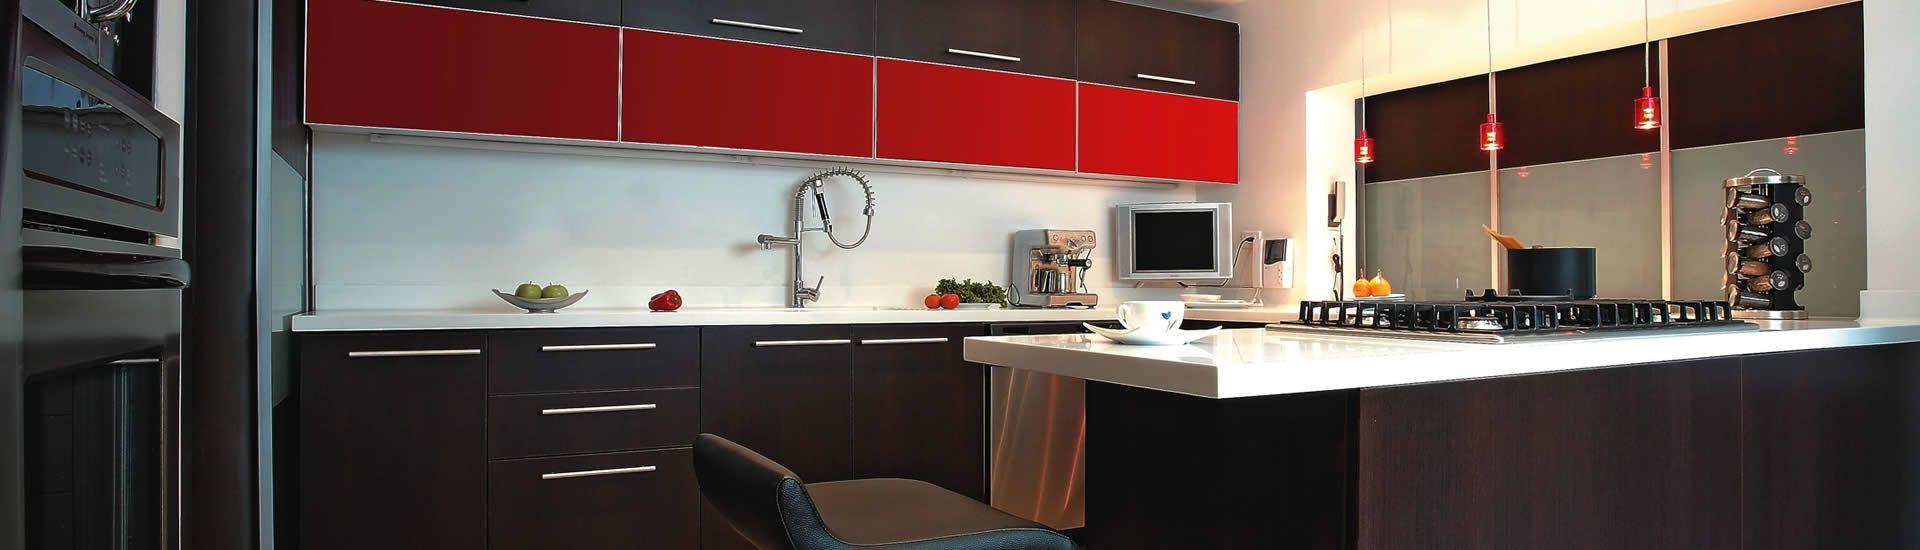 Herrajes de Lujo para Muebles de Cocinas Integrales. Cada zona ...